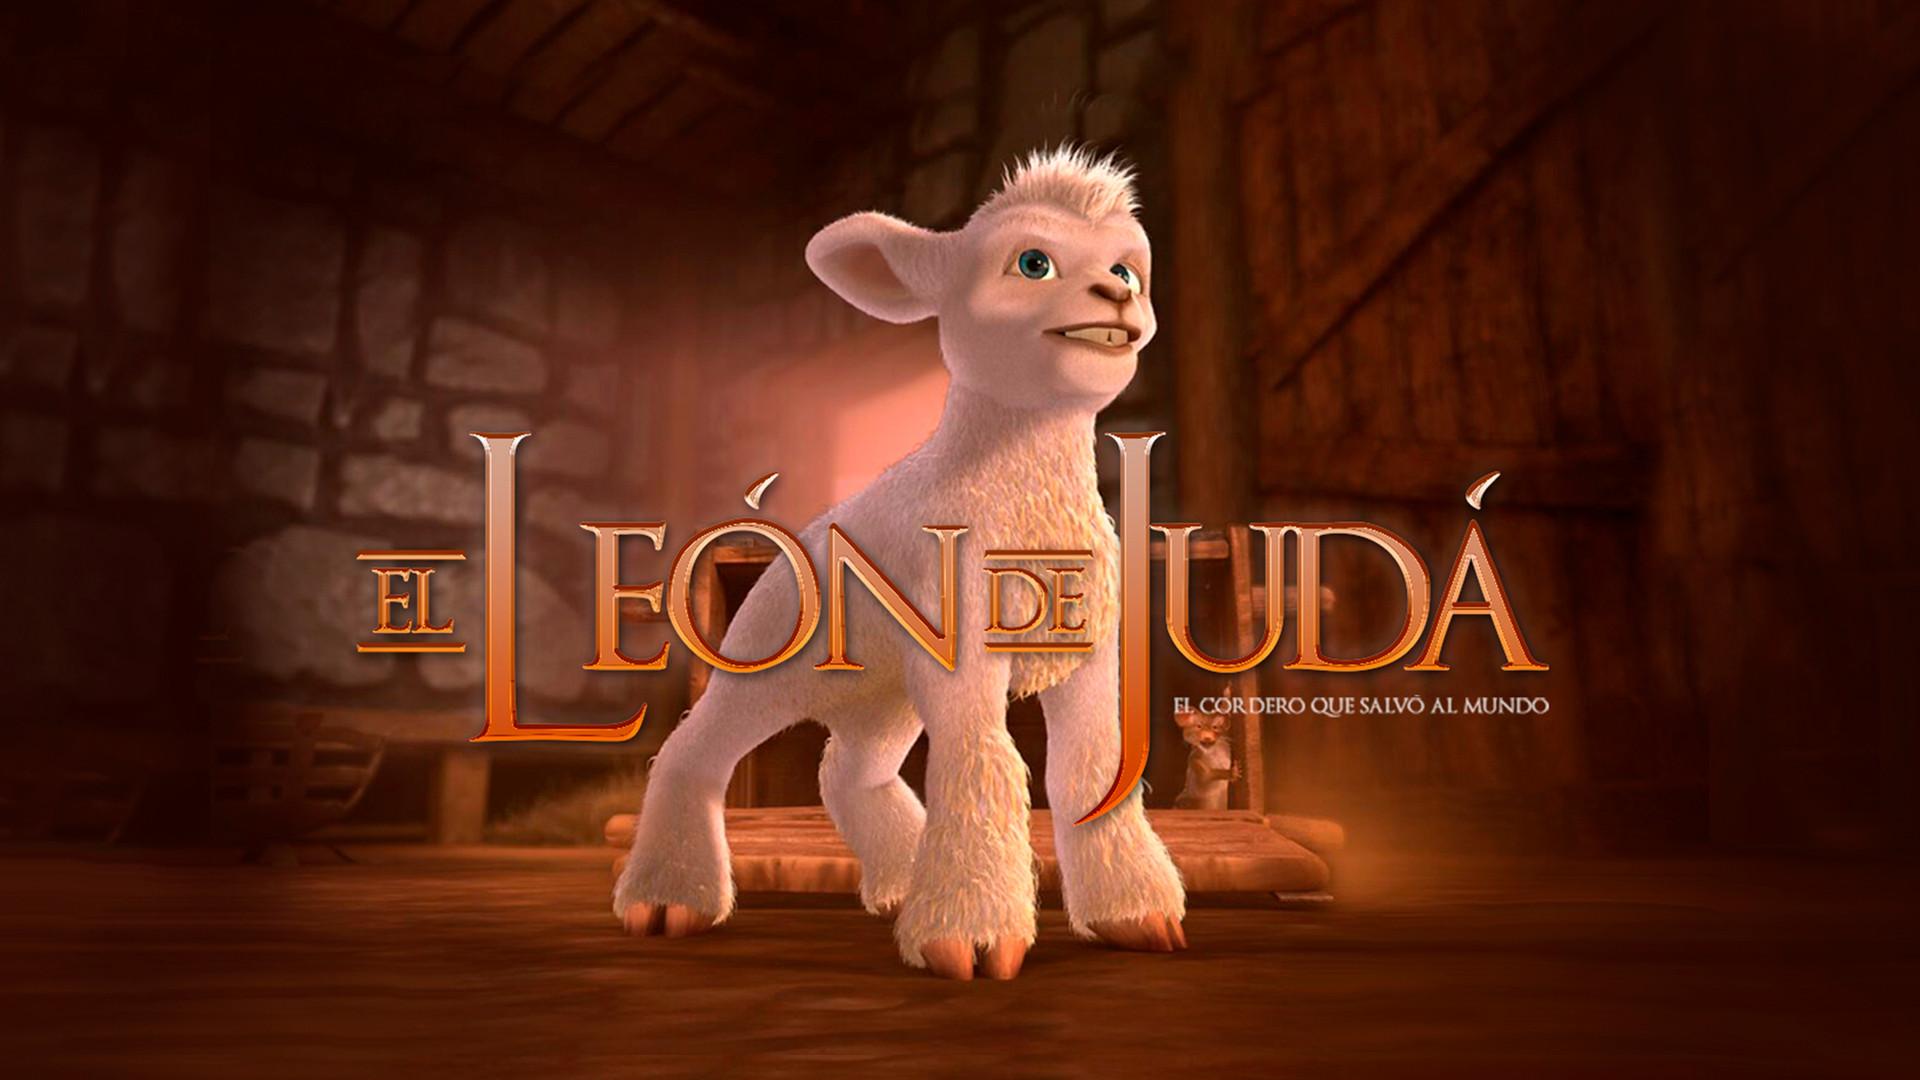 El-león-de-Judá.jpg